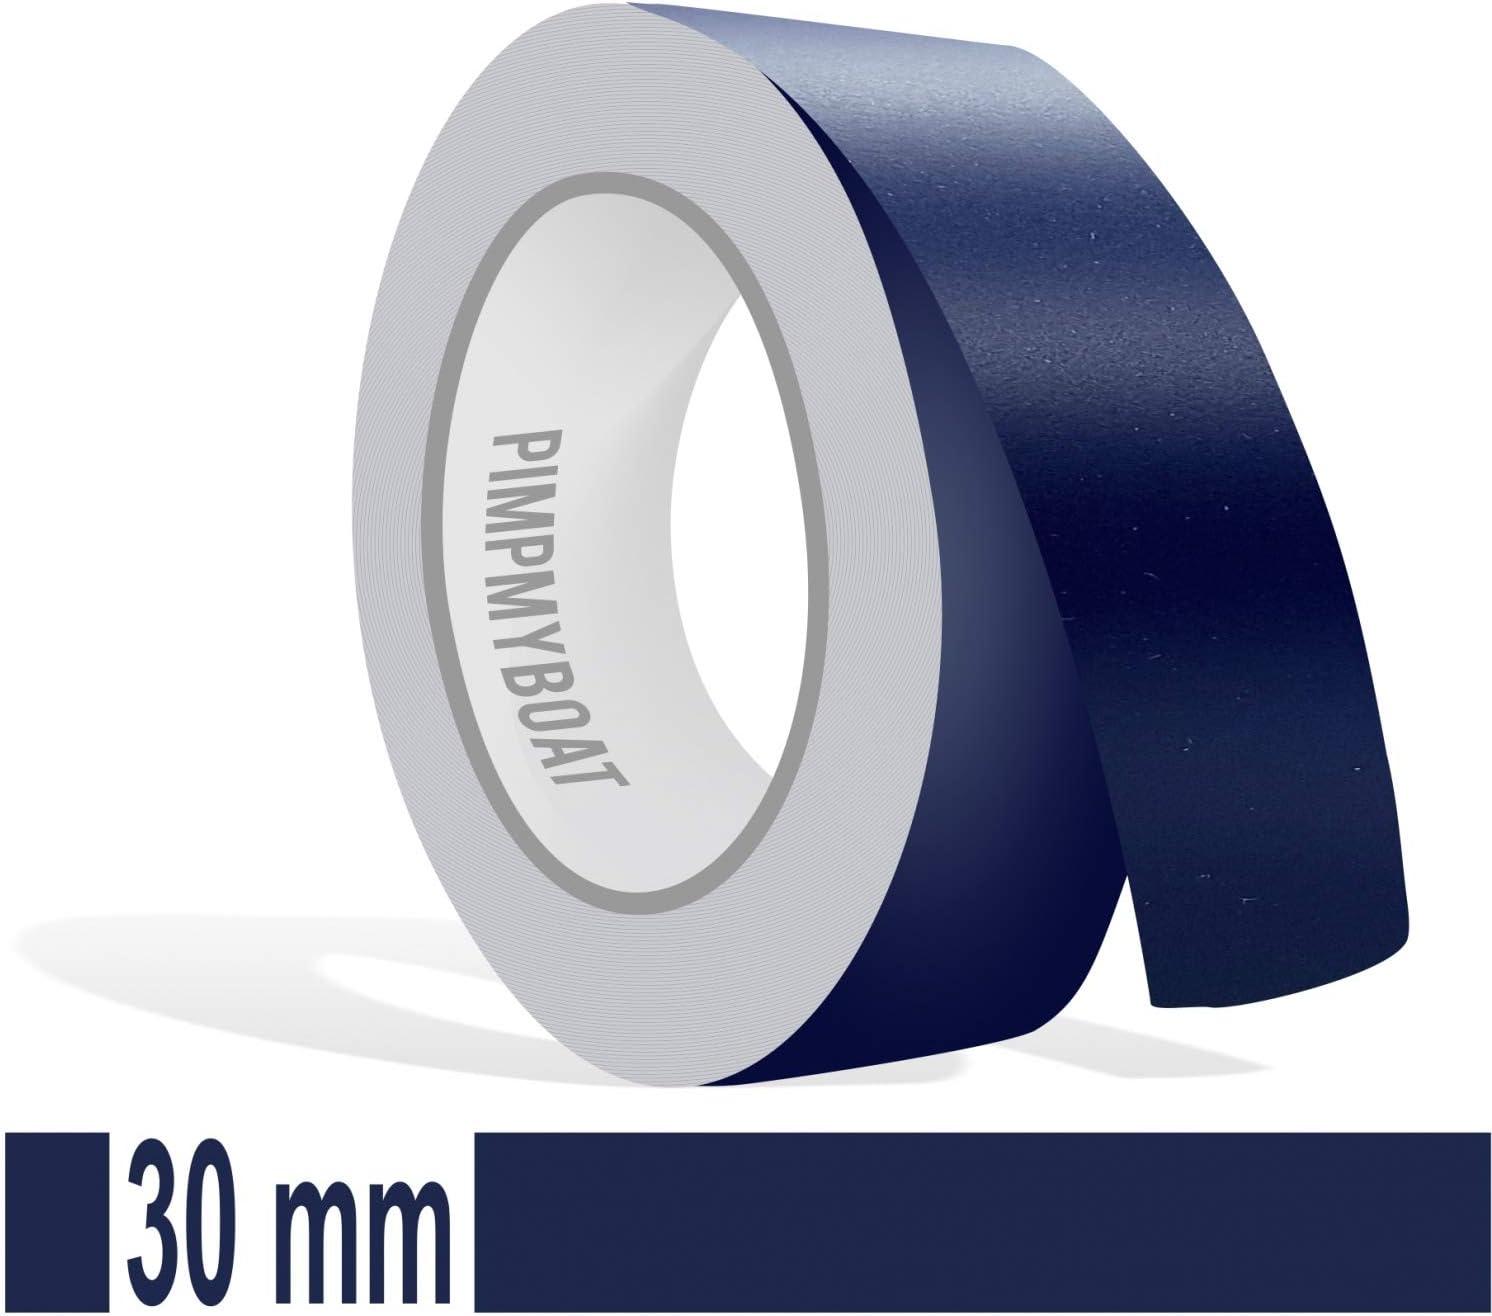 Siviwonder Matt stahlblau Marine Zierstreifen Aufkleber Breite 30mm L/änge 10m f/ür Auto Boot Klebeband blau 3cm